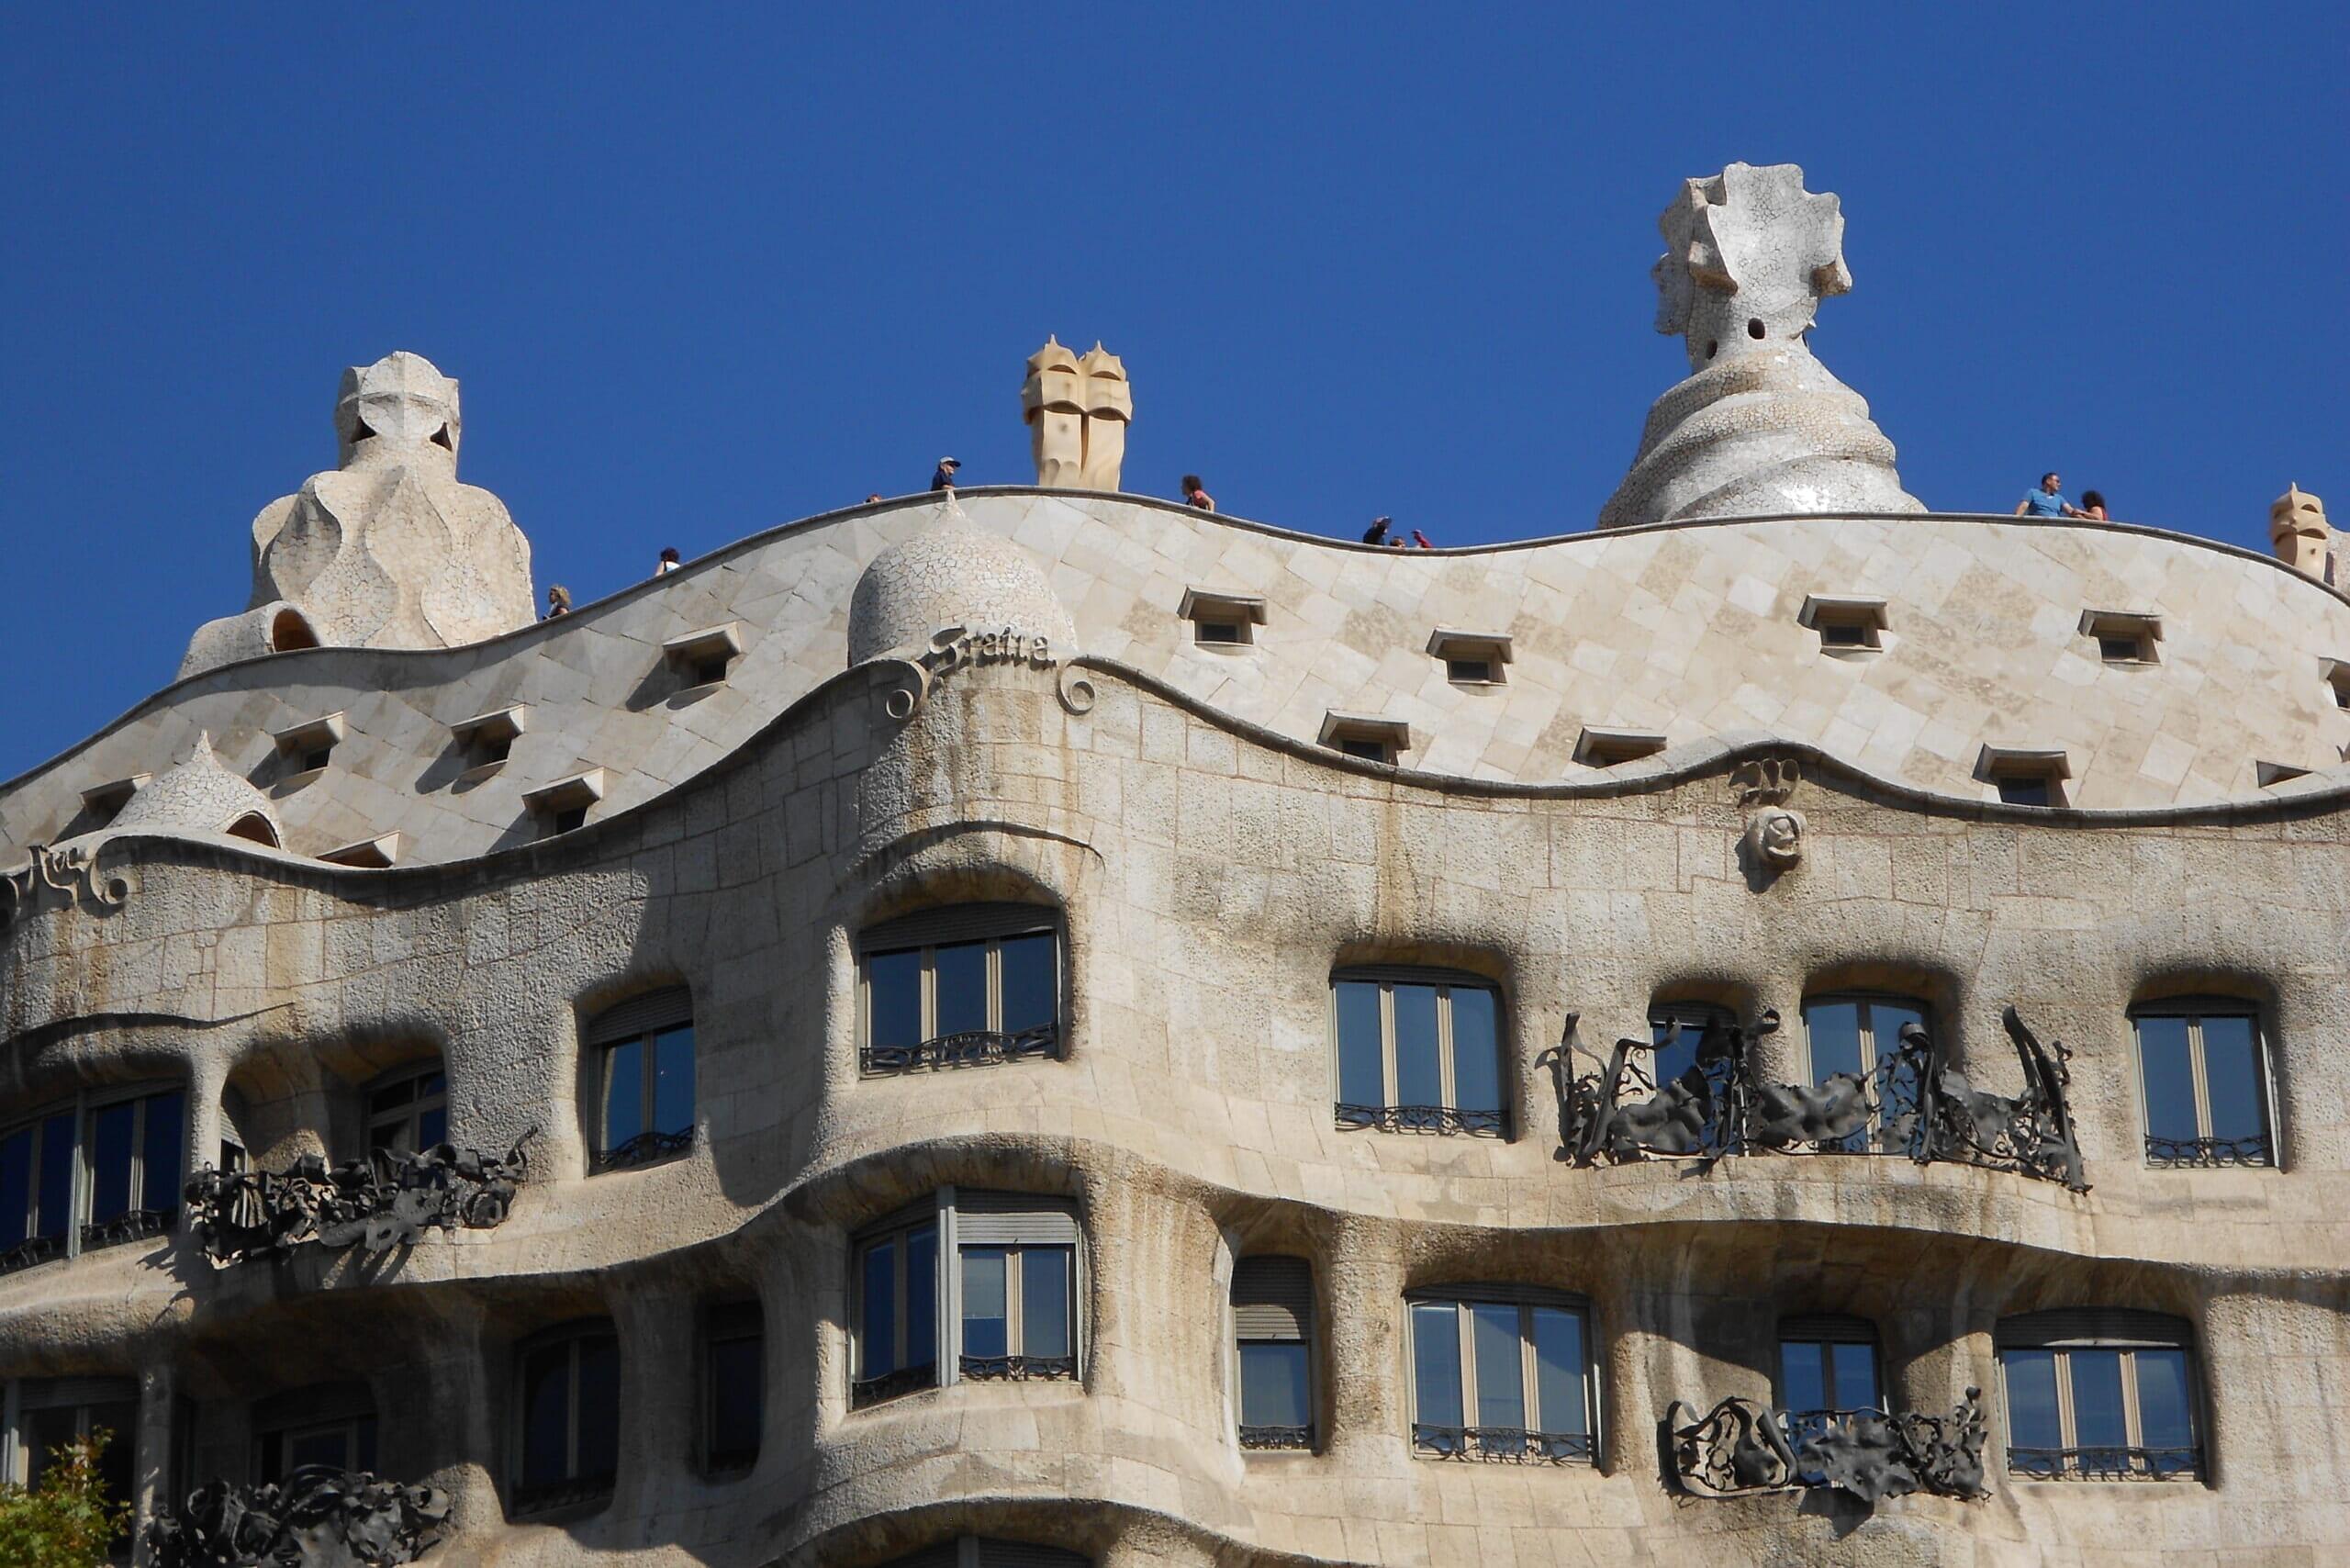 北スペインの観光スポットであるカタルーニャのカサミラ